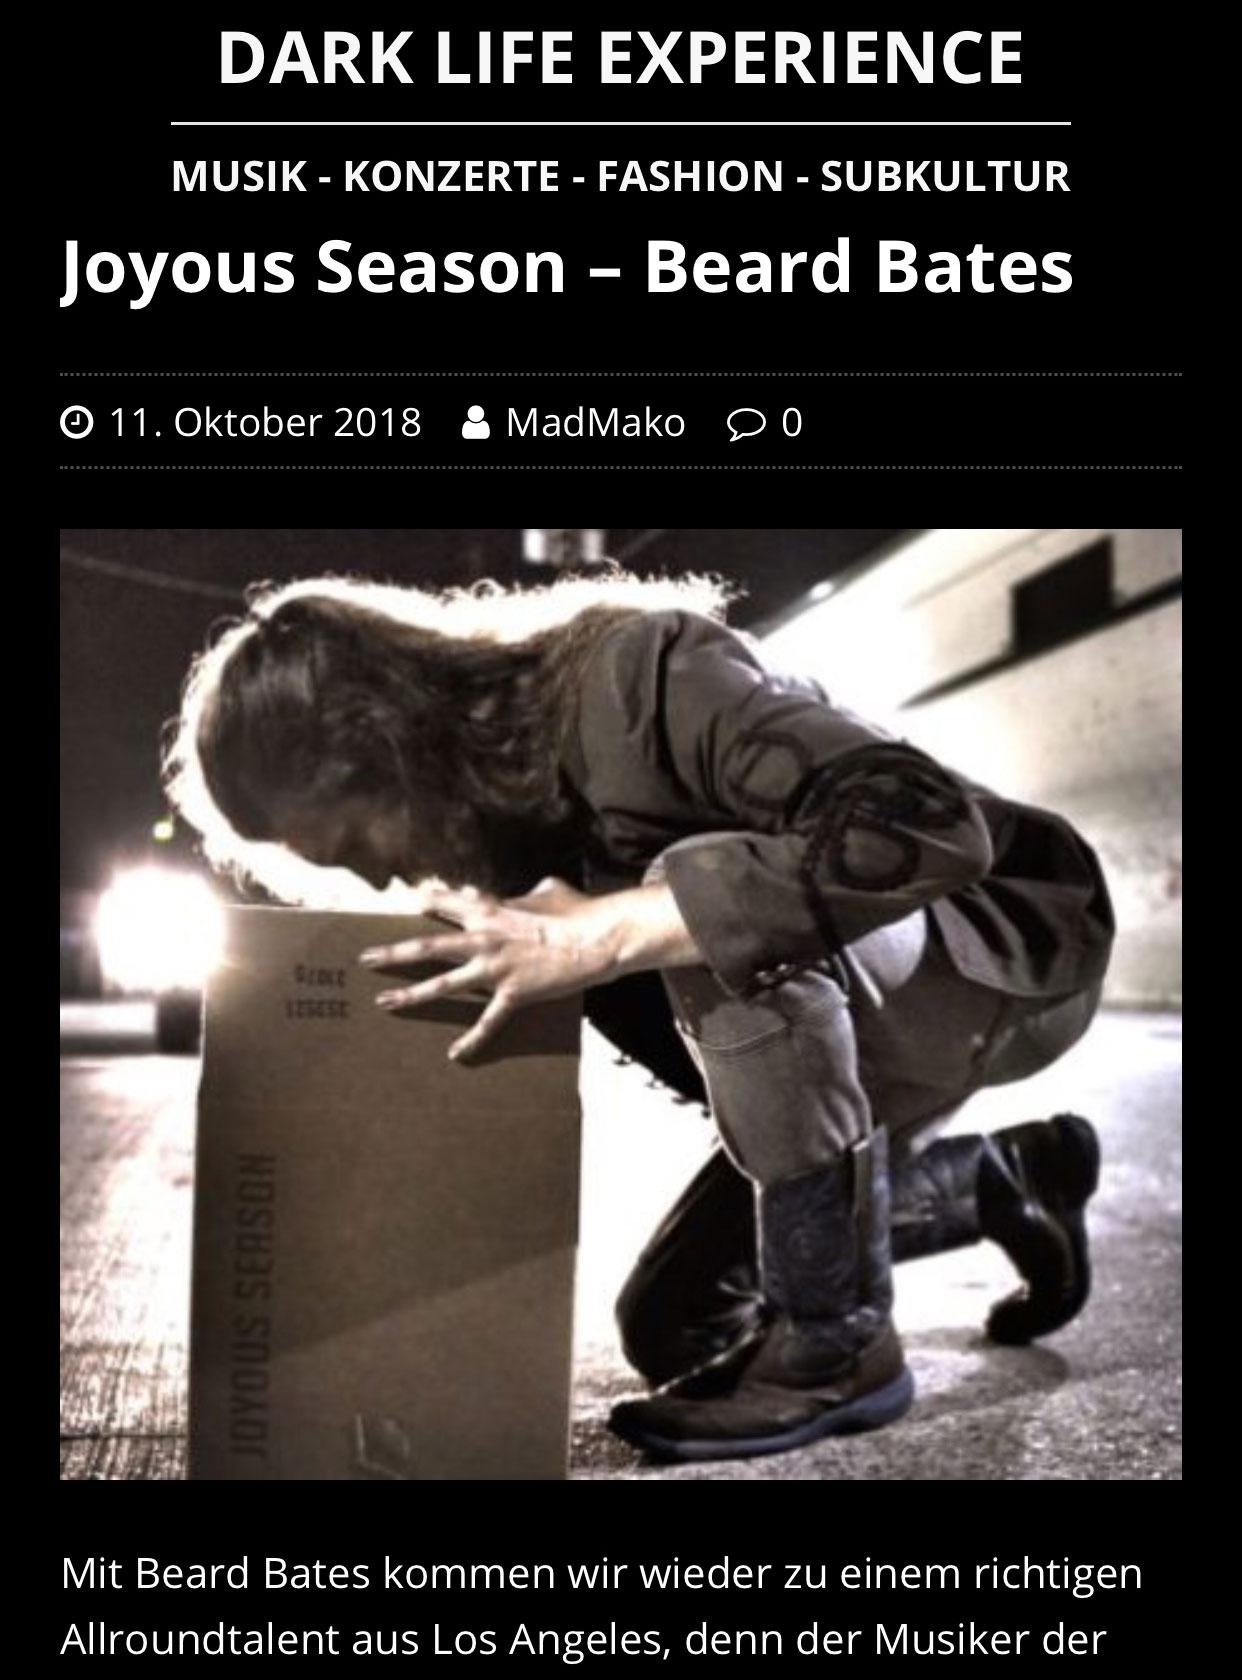 BEARD-BATES - DARK-LIFE-EXPERIENCE - Joyous Season